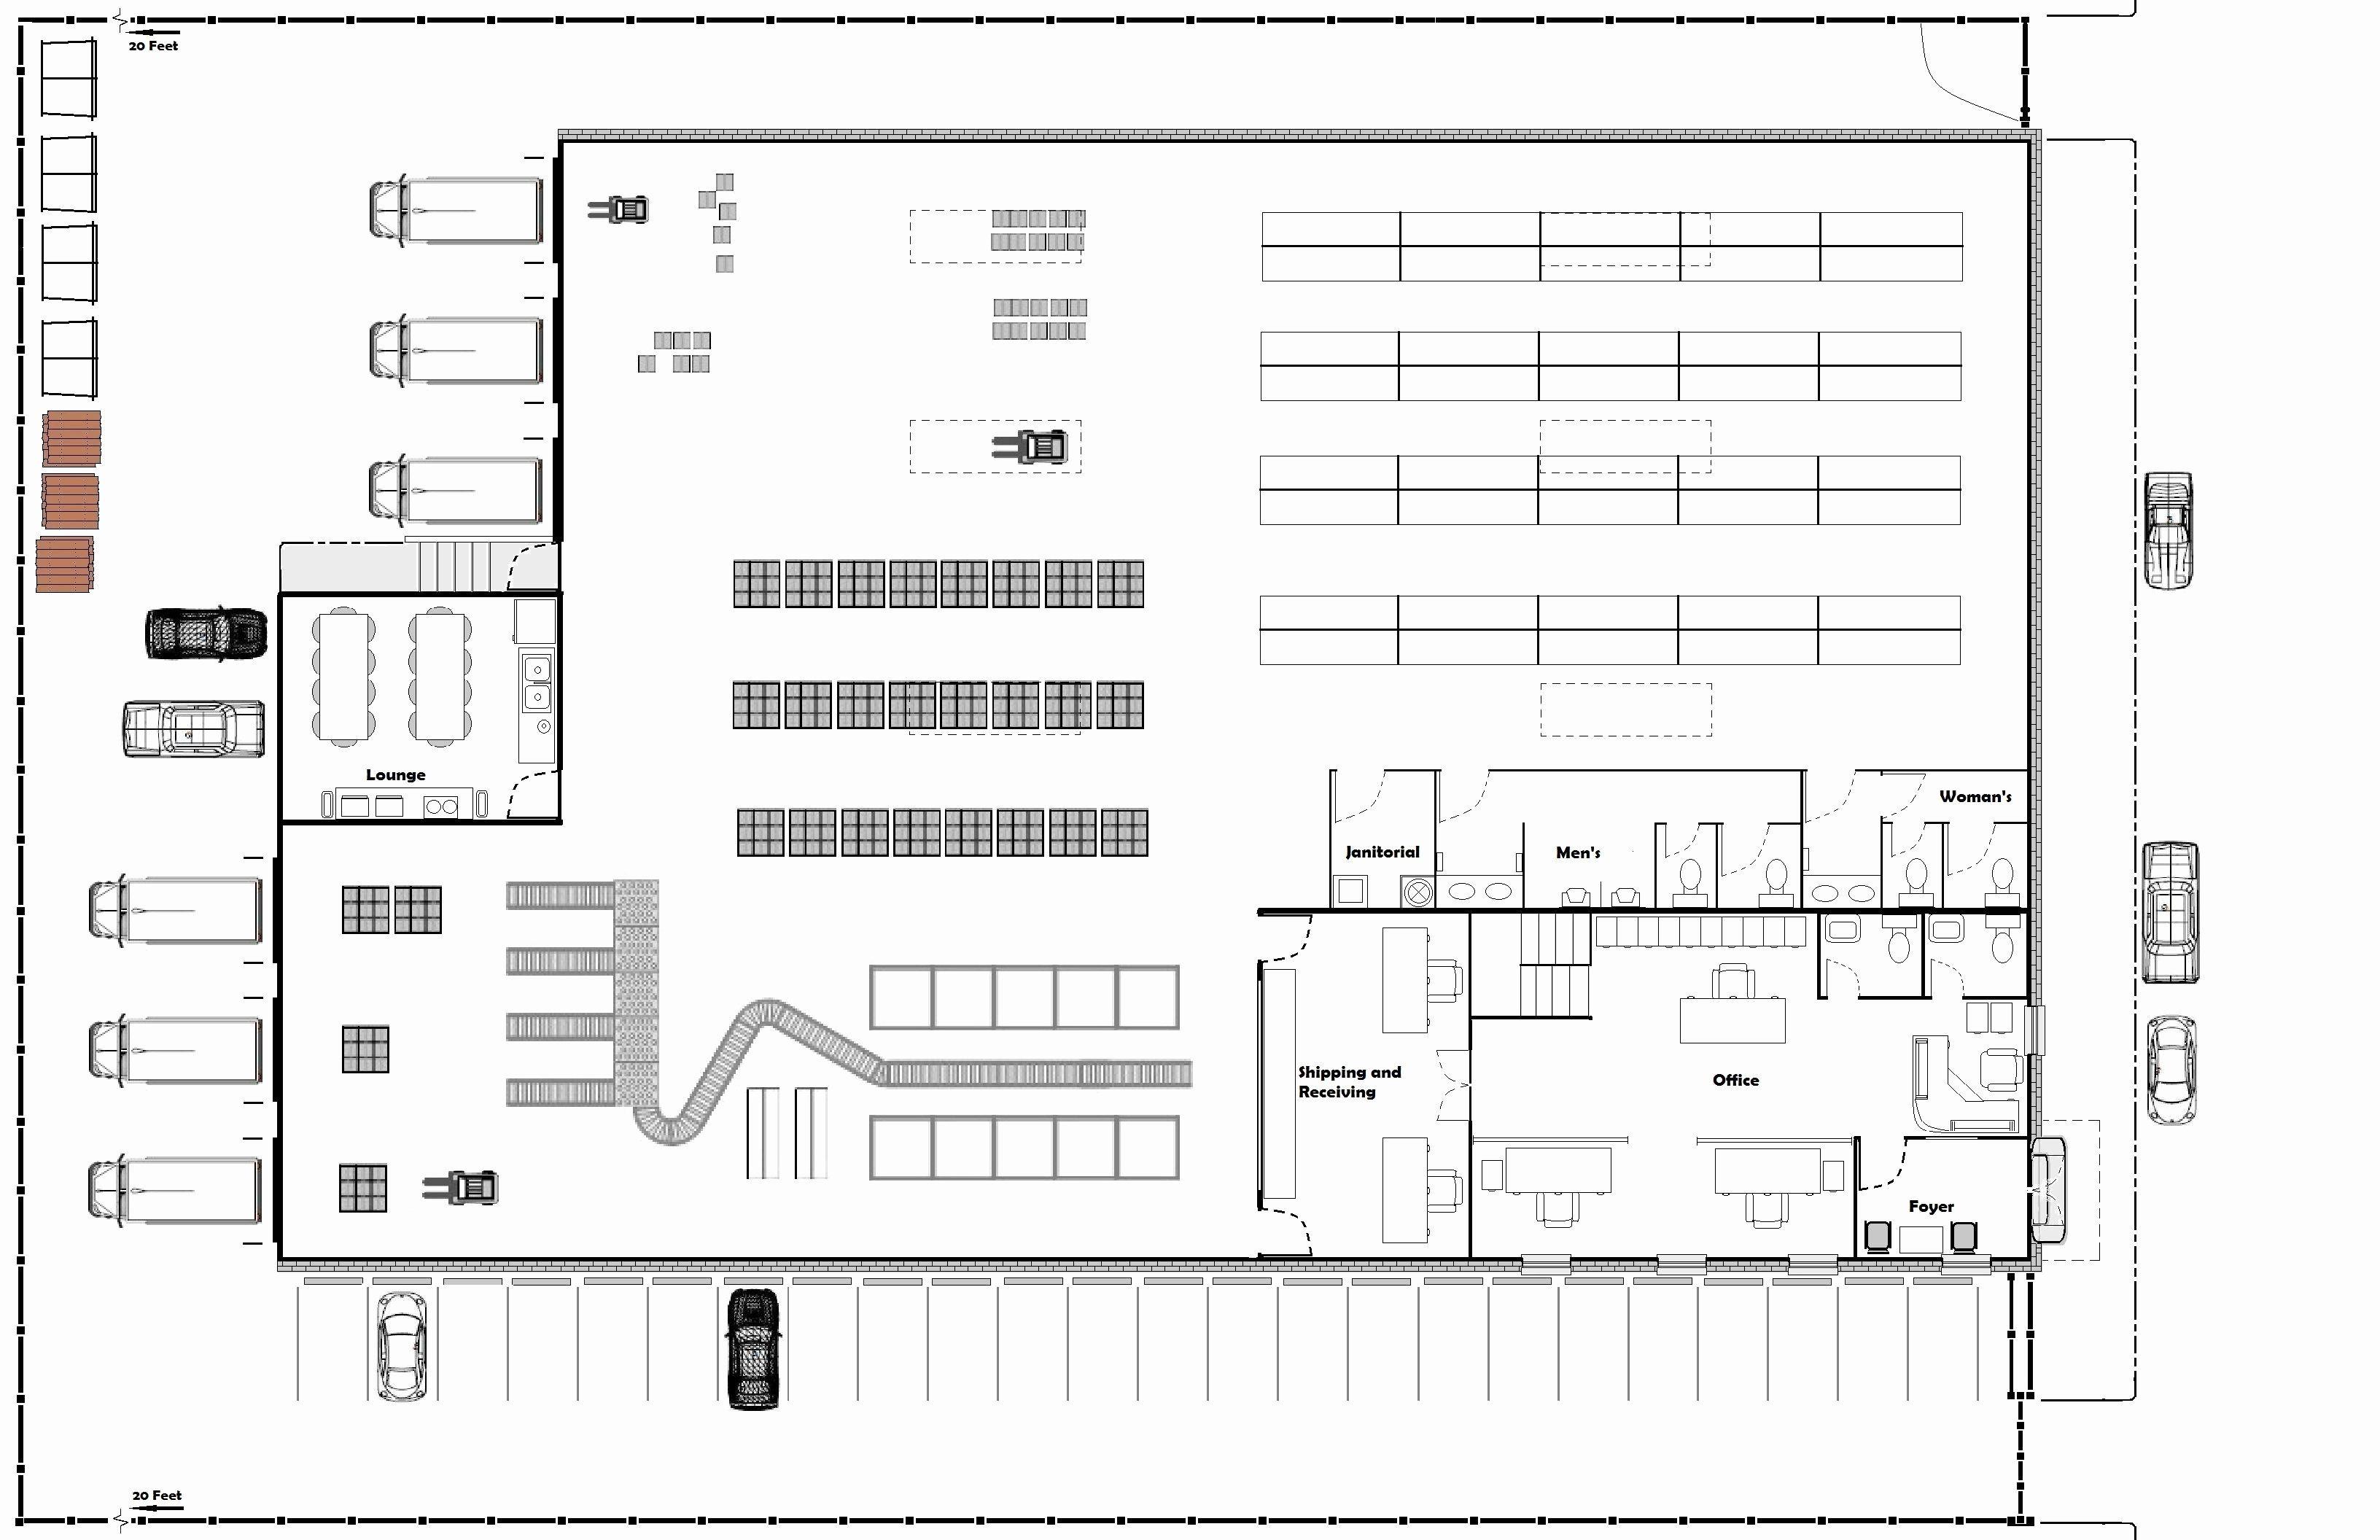 Warehouse Floor Plan Template Unique Floor Plan Of Warehouse Google Search In 2020 Warehouse Floor Warehouse Layout Warehouse Floor Plan